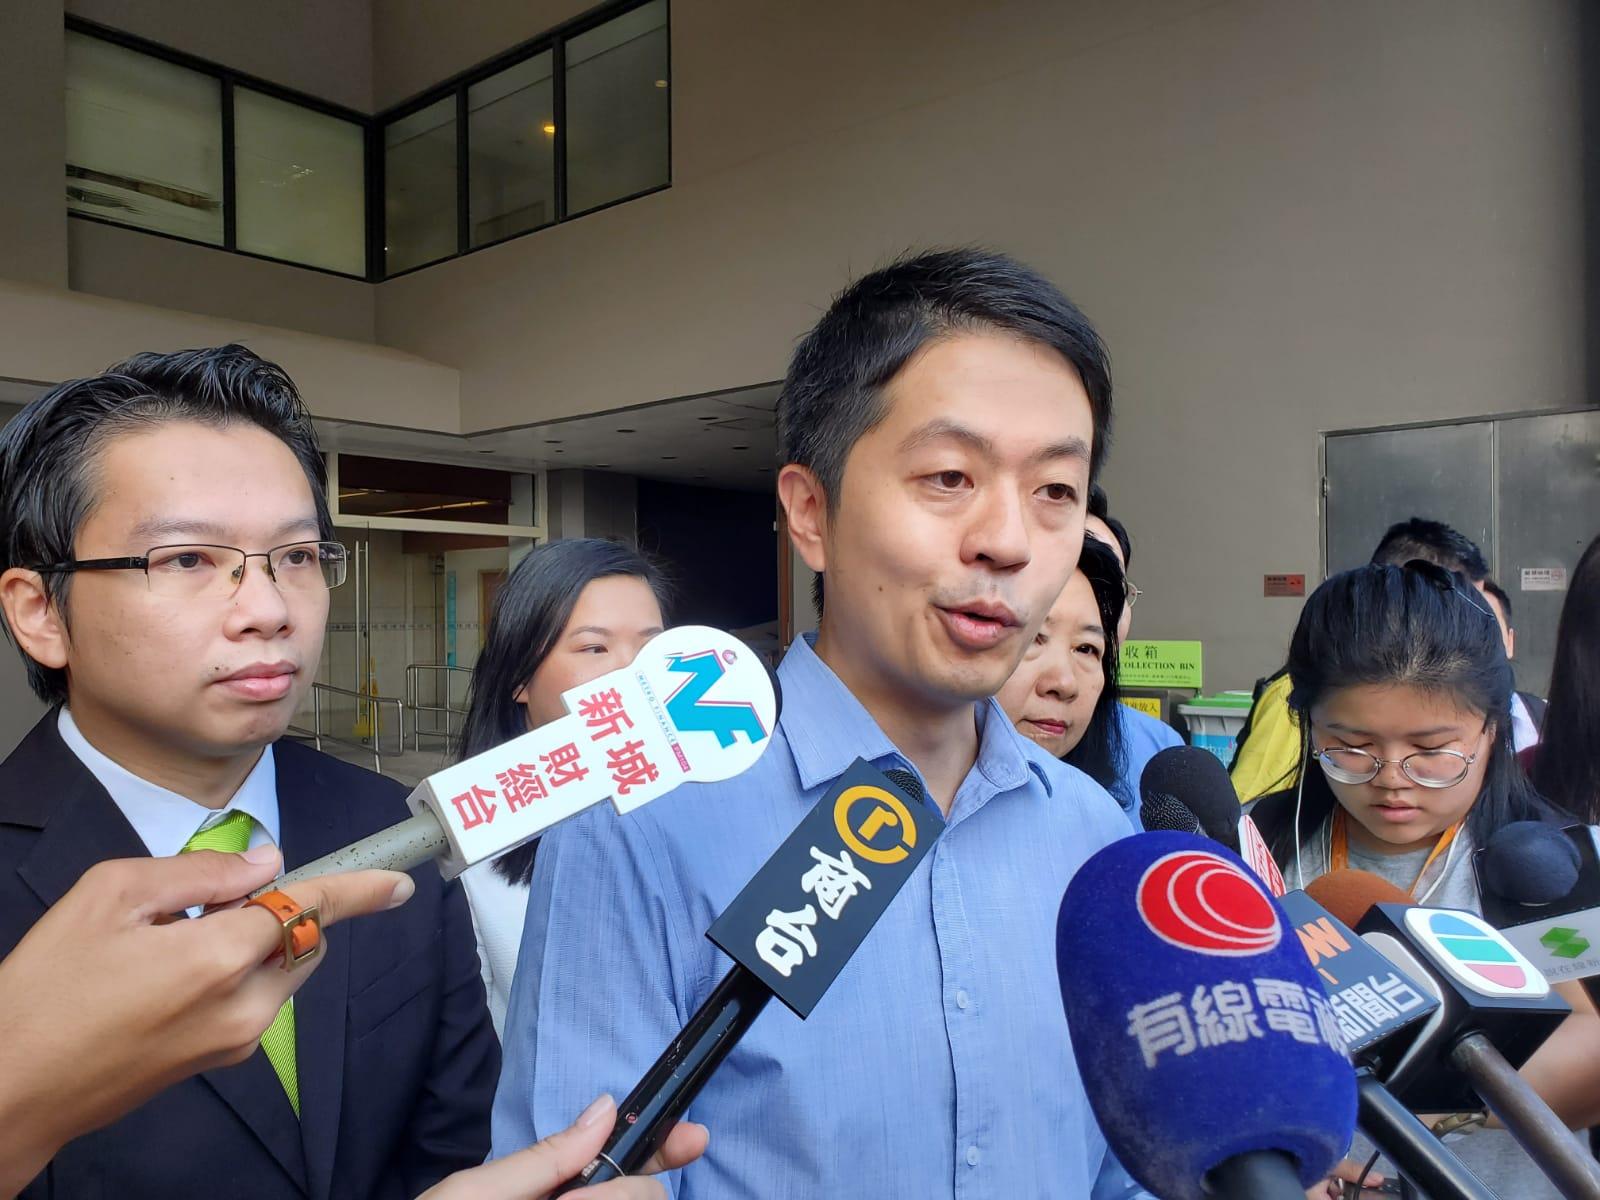 【区会选举】民主党7人参选中西区 许智峯认为有胜算